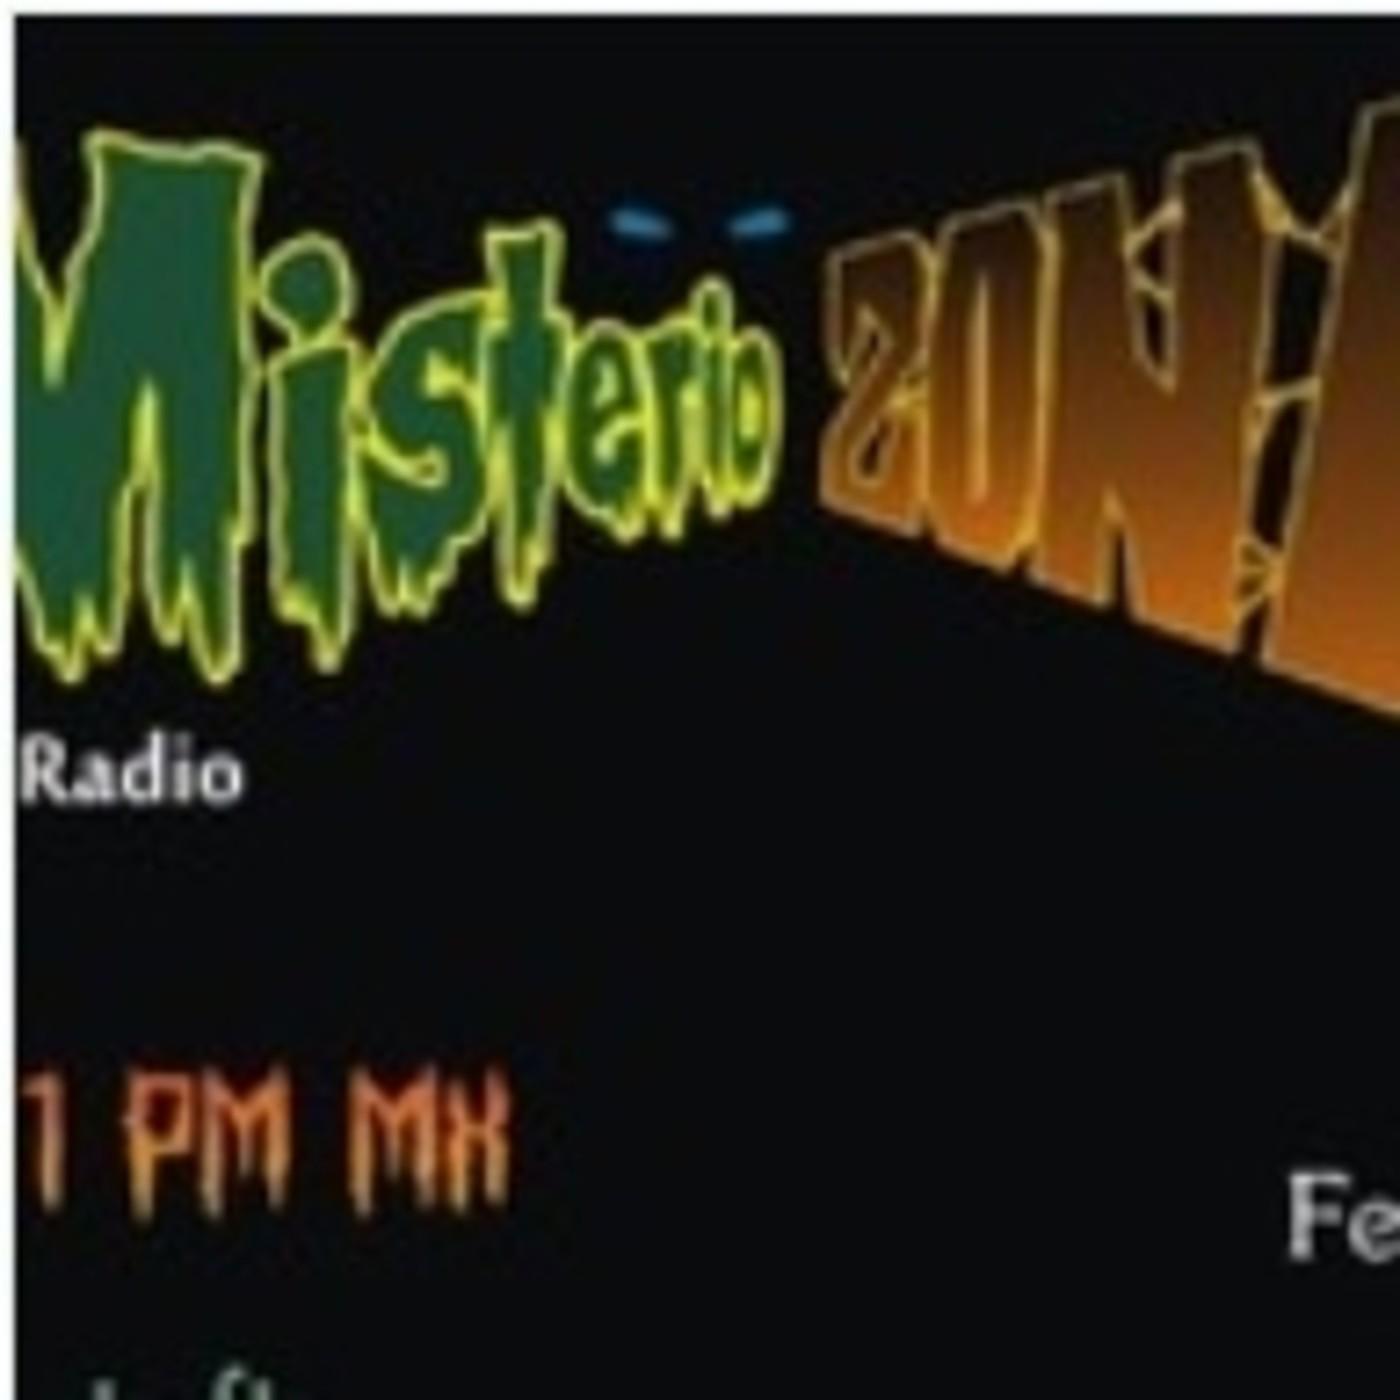 Ovnis, cuando el mensaje es muerte en Misterio Zona en mp3(25/05 a ...